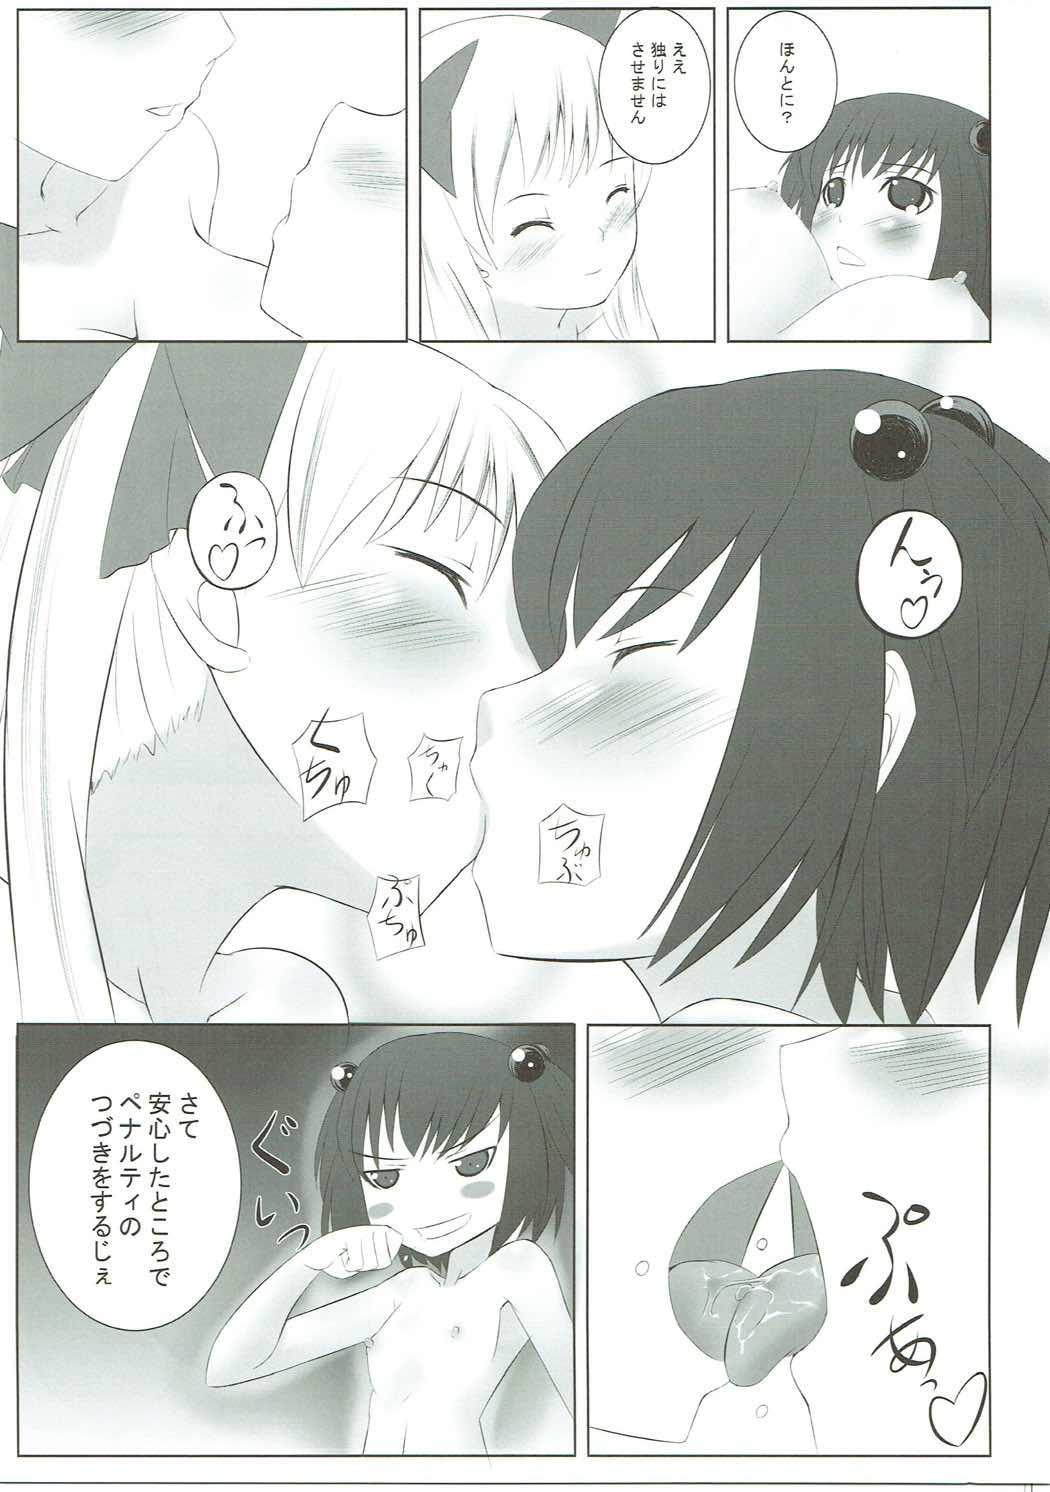 Saki-chan nanka ni Kono Chichi wa Watasanai je! 7